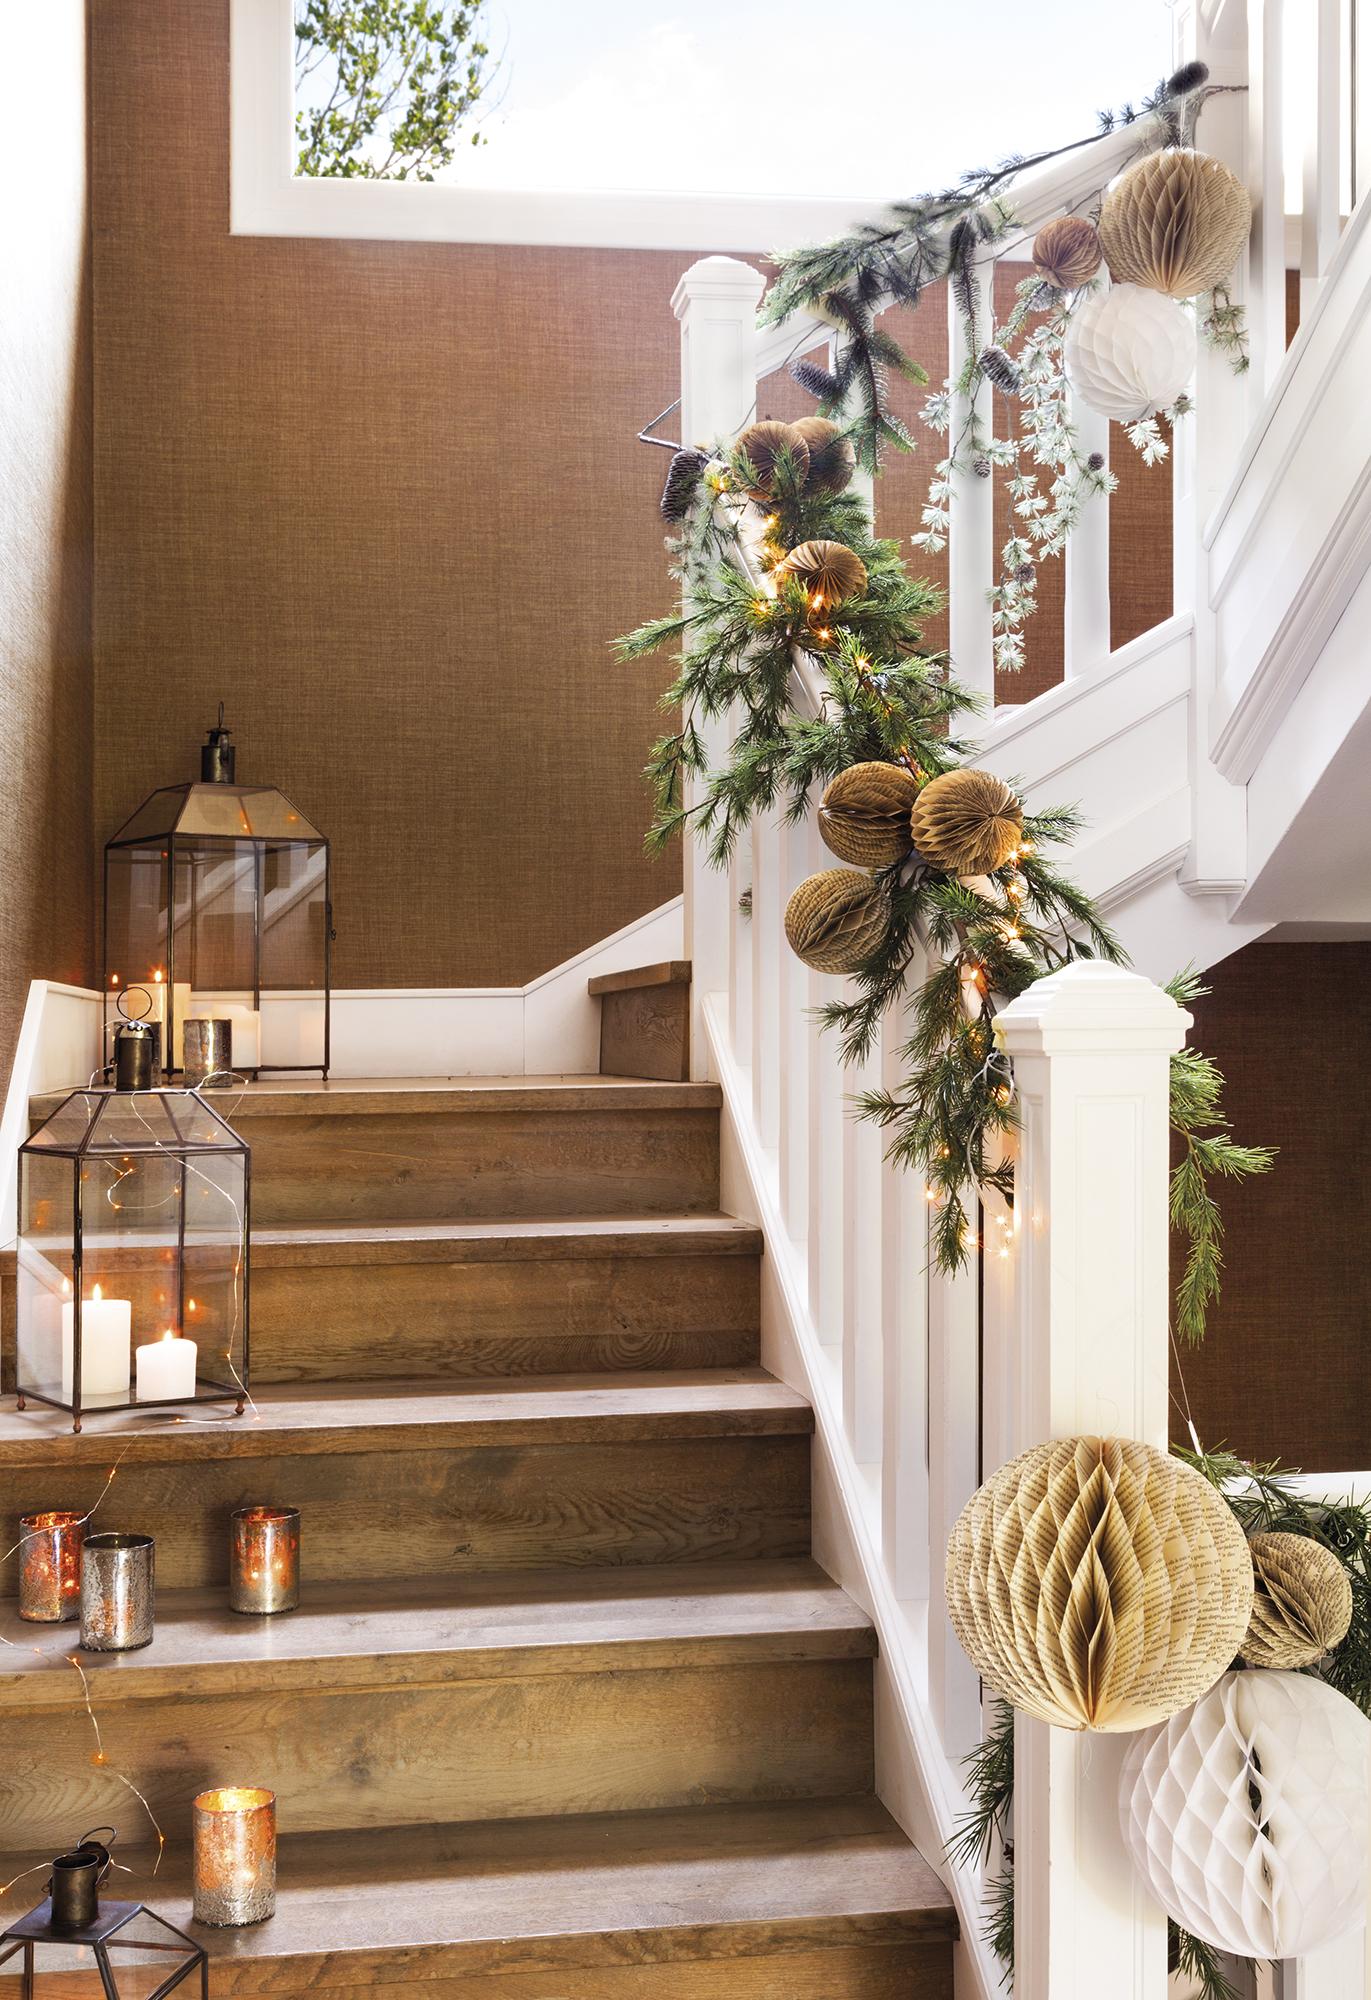 Ideas para decorar el recibidor en navidad - Escaleras decoradas en navidad ...